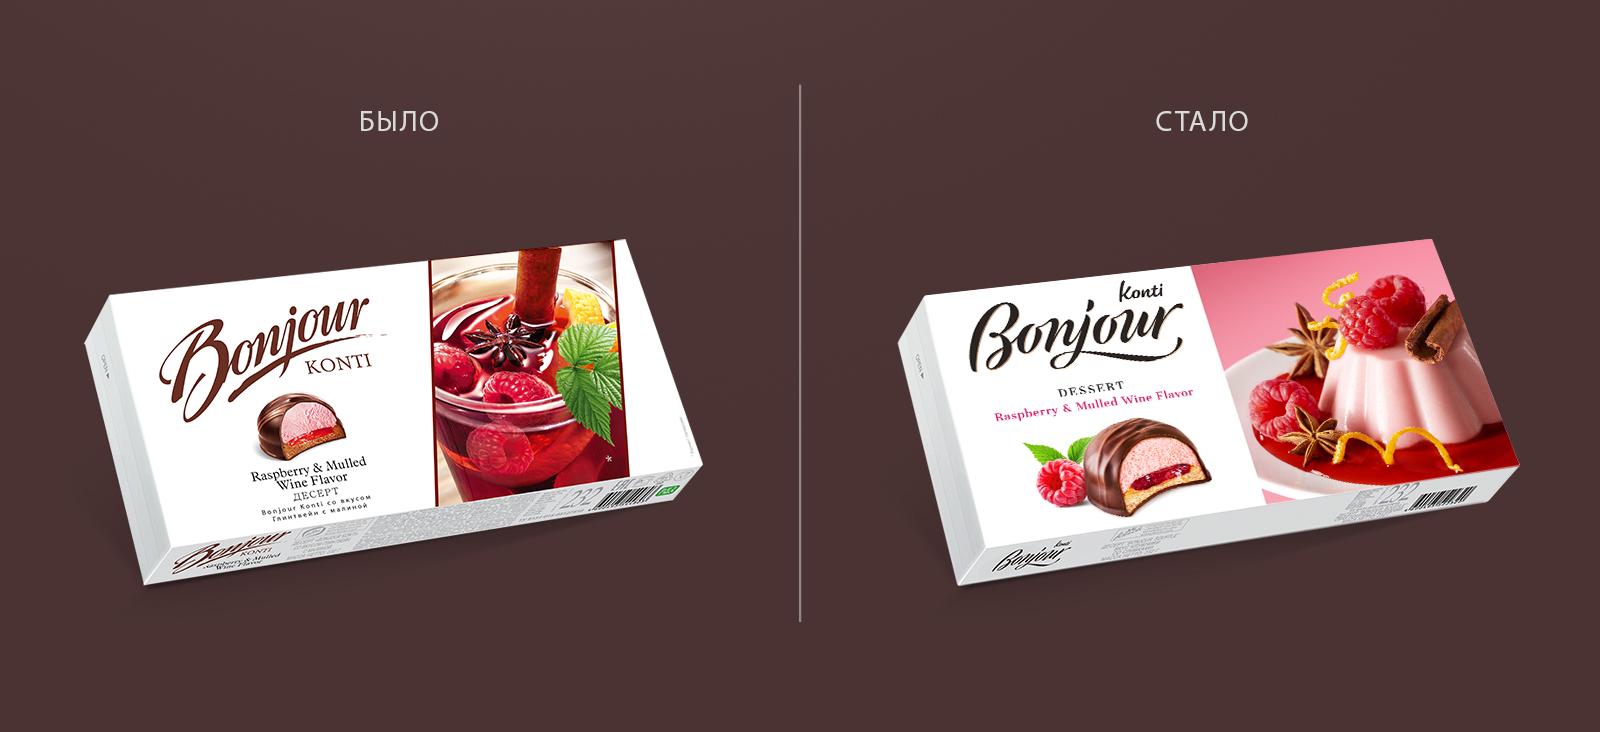 Рестайлинг дизайна упаковки десерта Bonjour до и после